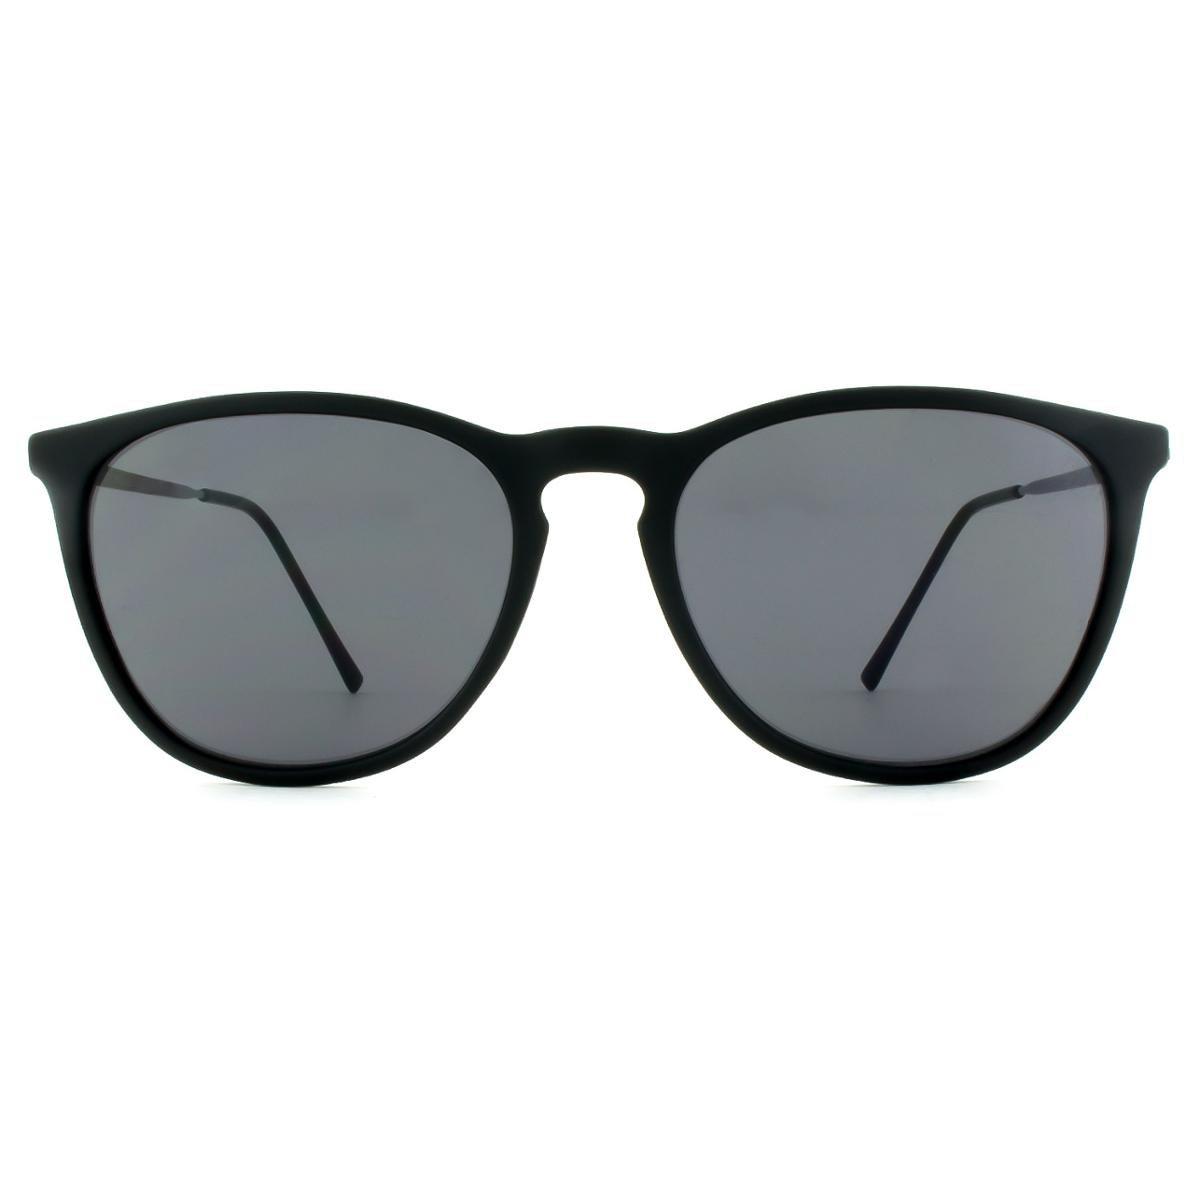 2a2be8218401c Óculos HB Tanami 90119 00100 - Compre Agora